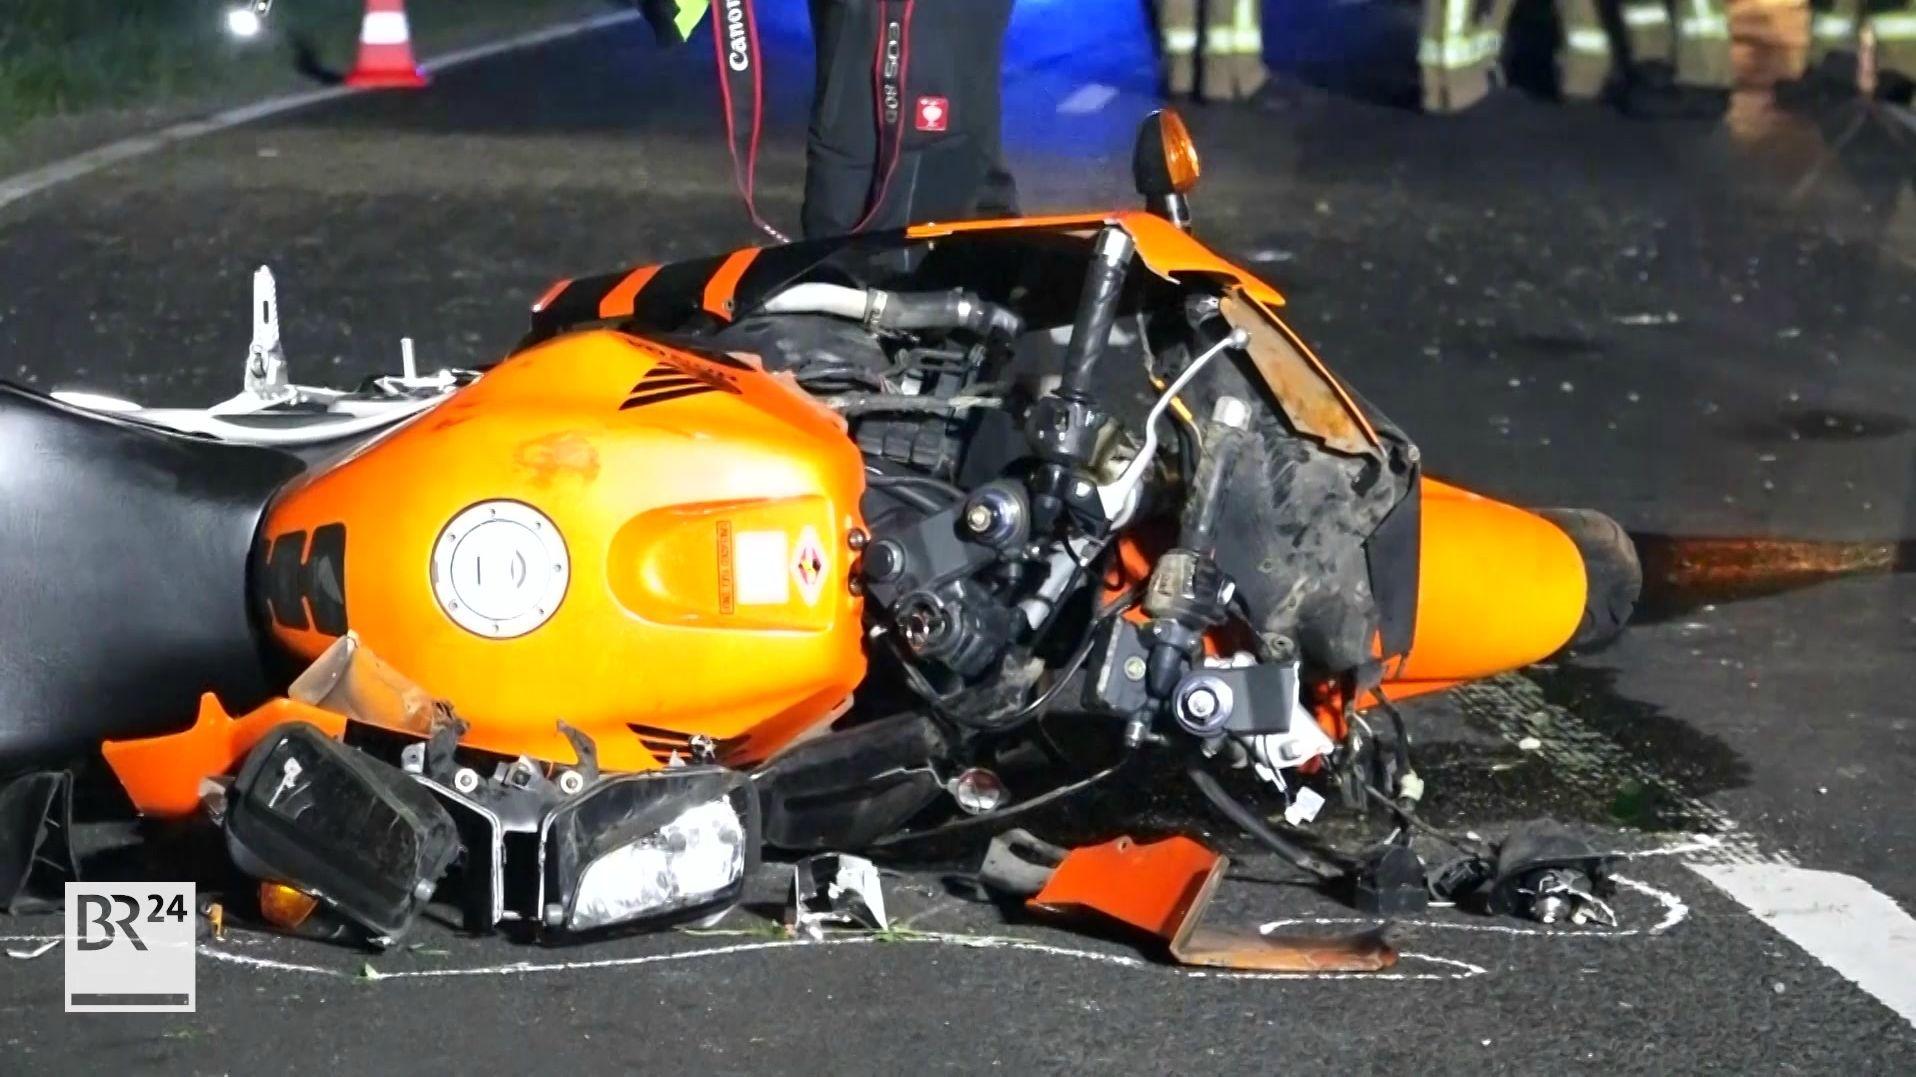 Tödlicher Motorradunfall bei Zeil am Main